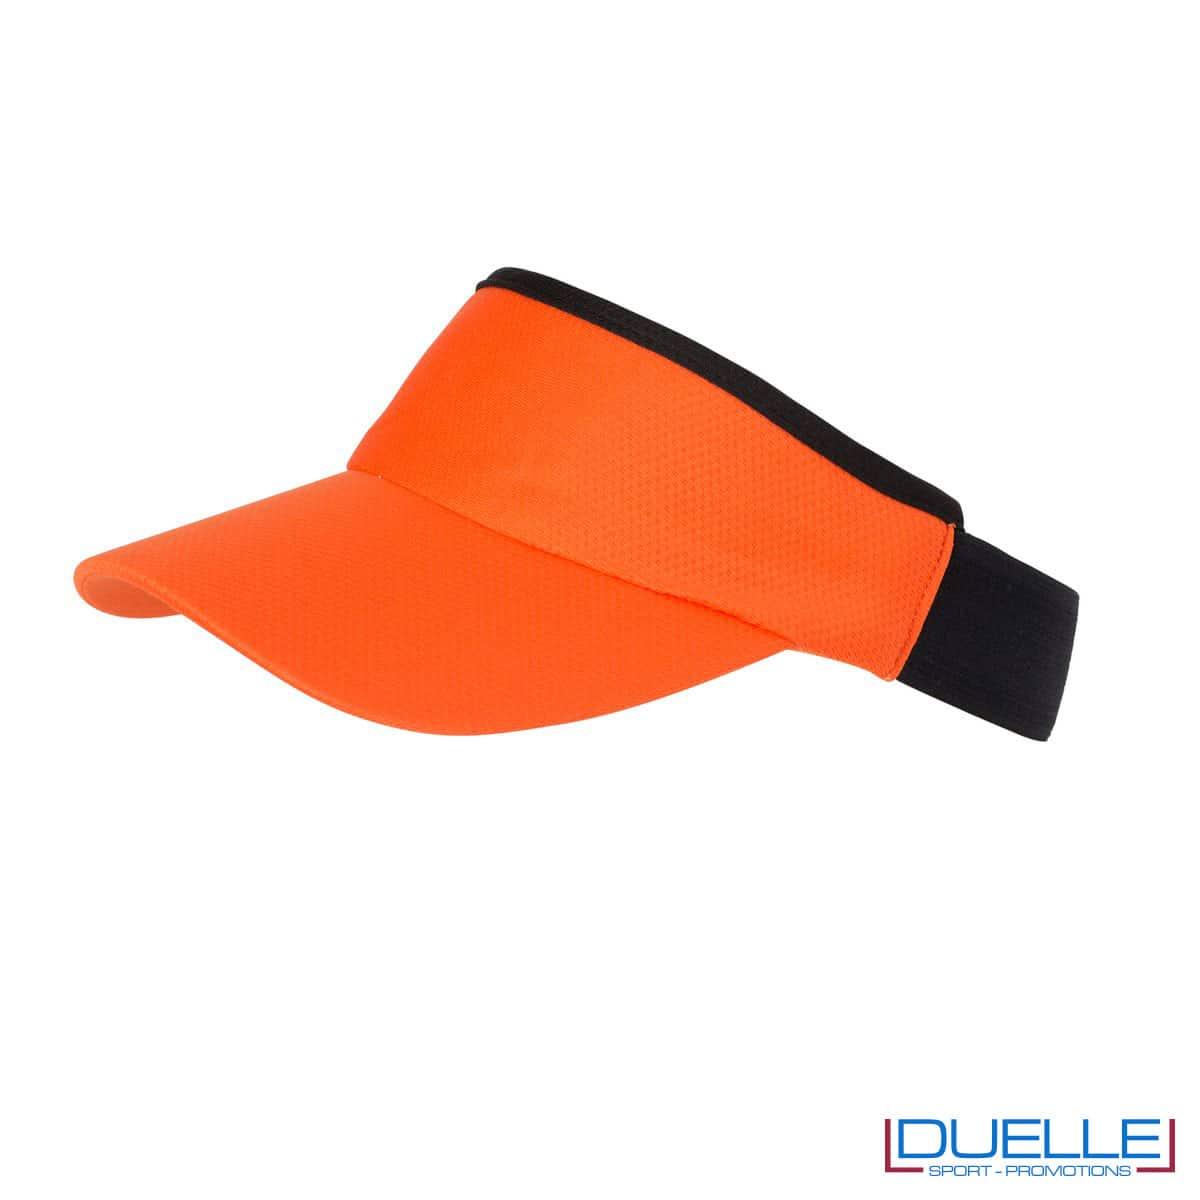 cappello con visiera arancio e nero